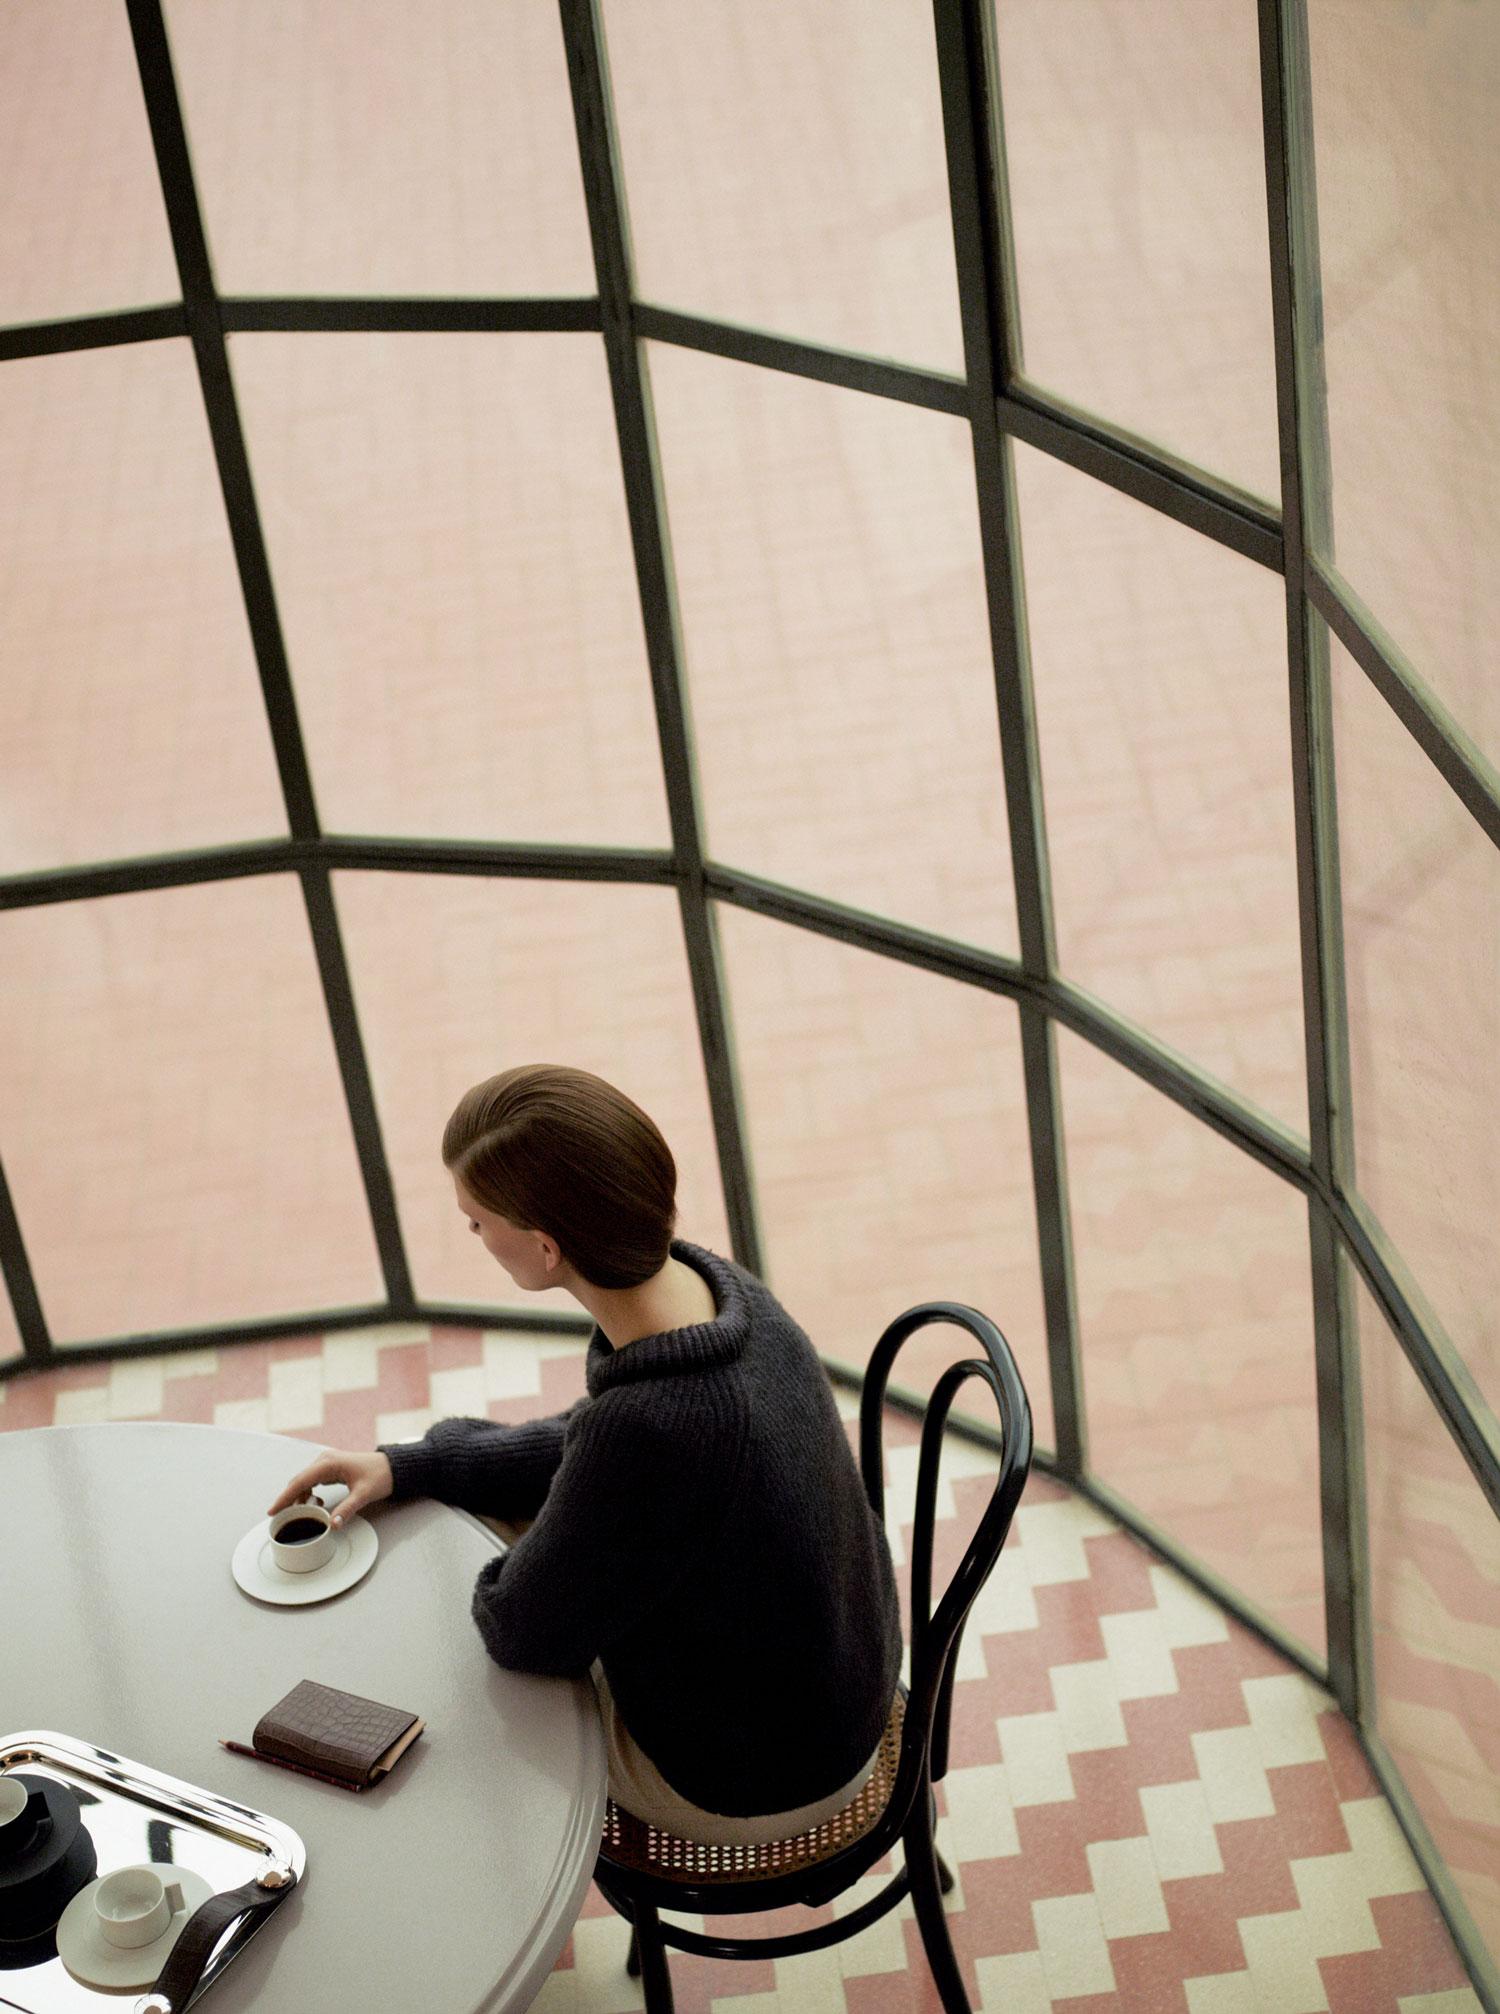 Hermes Winter 2012 Catalogue Valerija Kevala by Zoe Ghertner   Yellowtrace